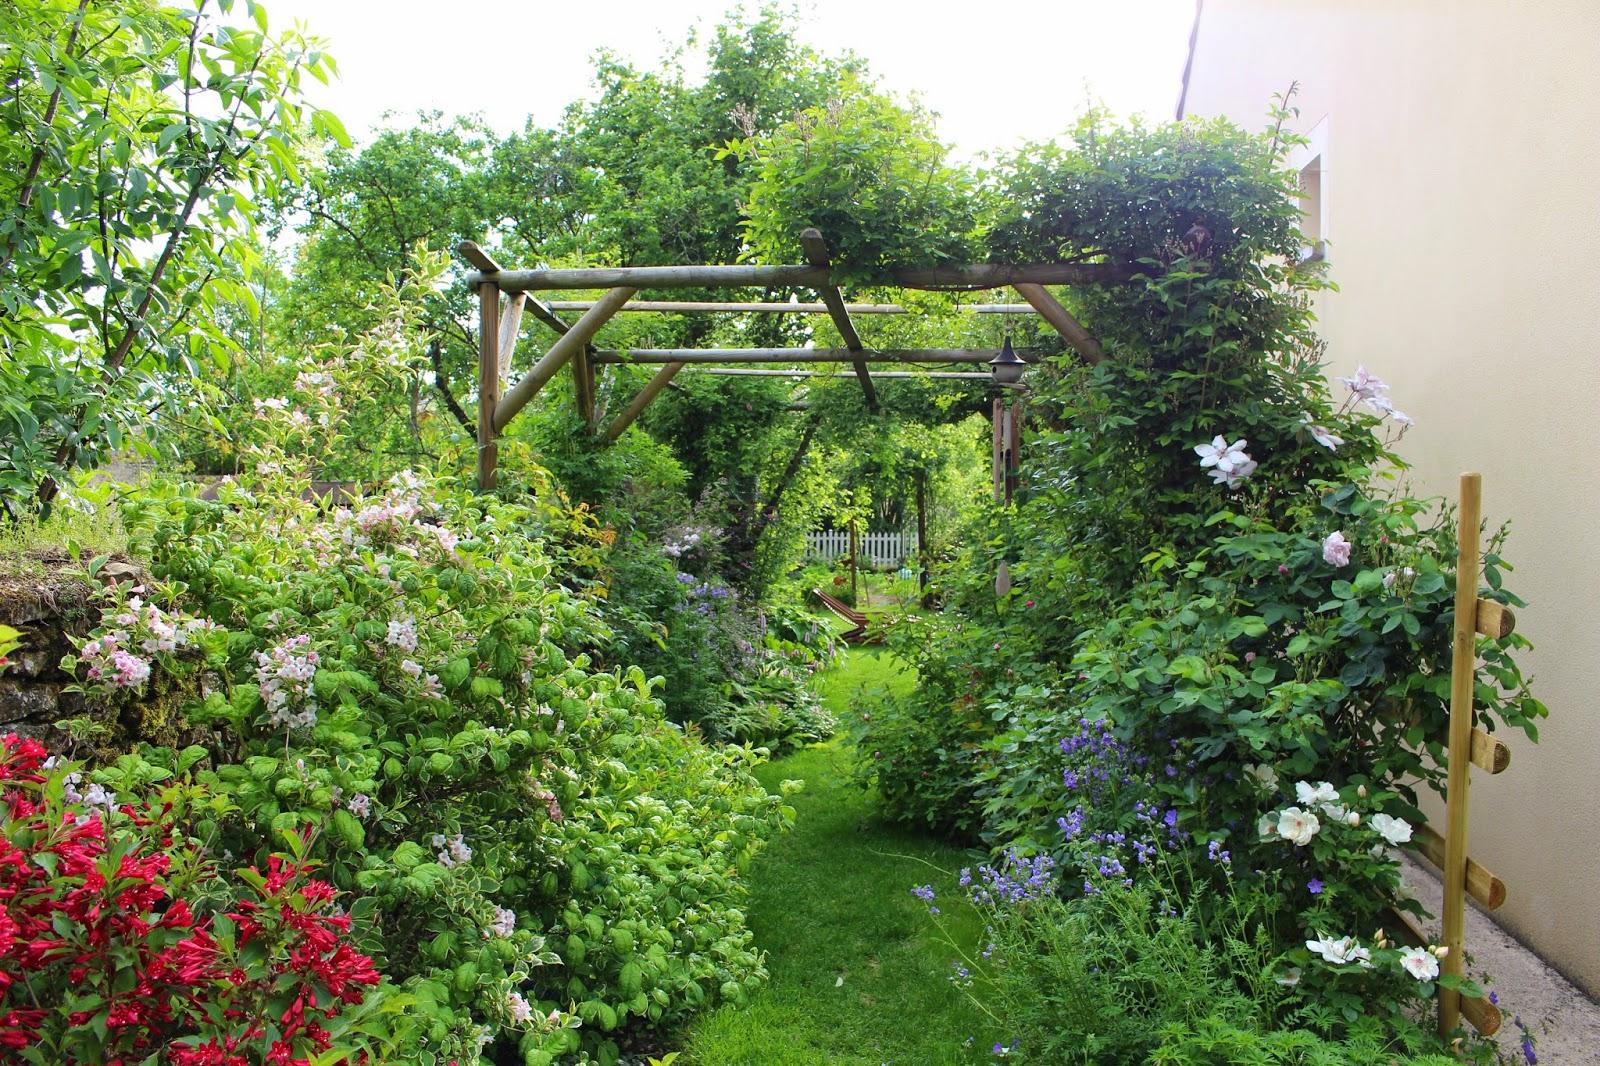 Notre jardin secret a la sainte sophie for Jardin secret 2015